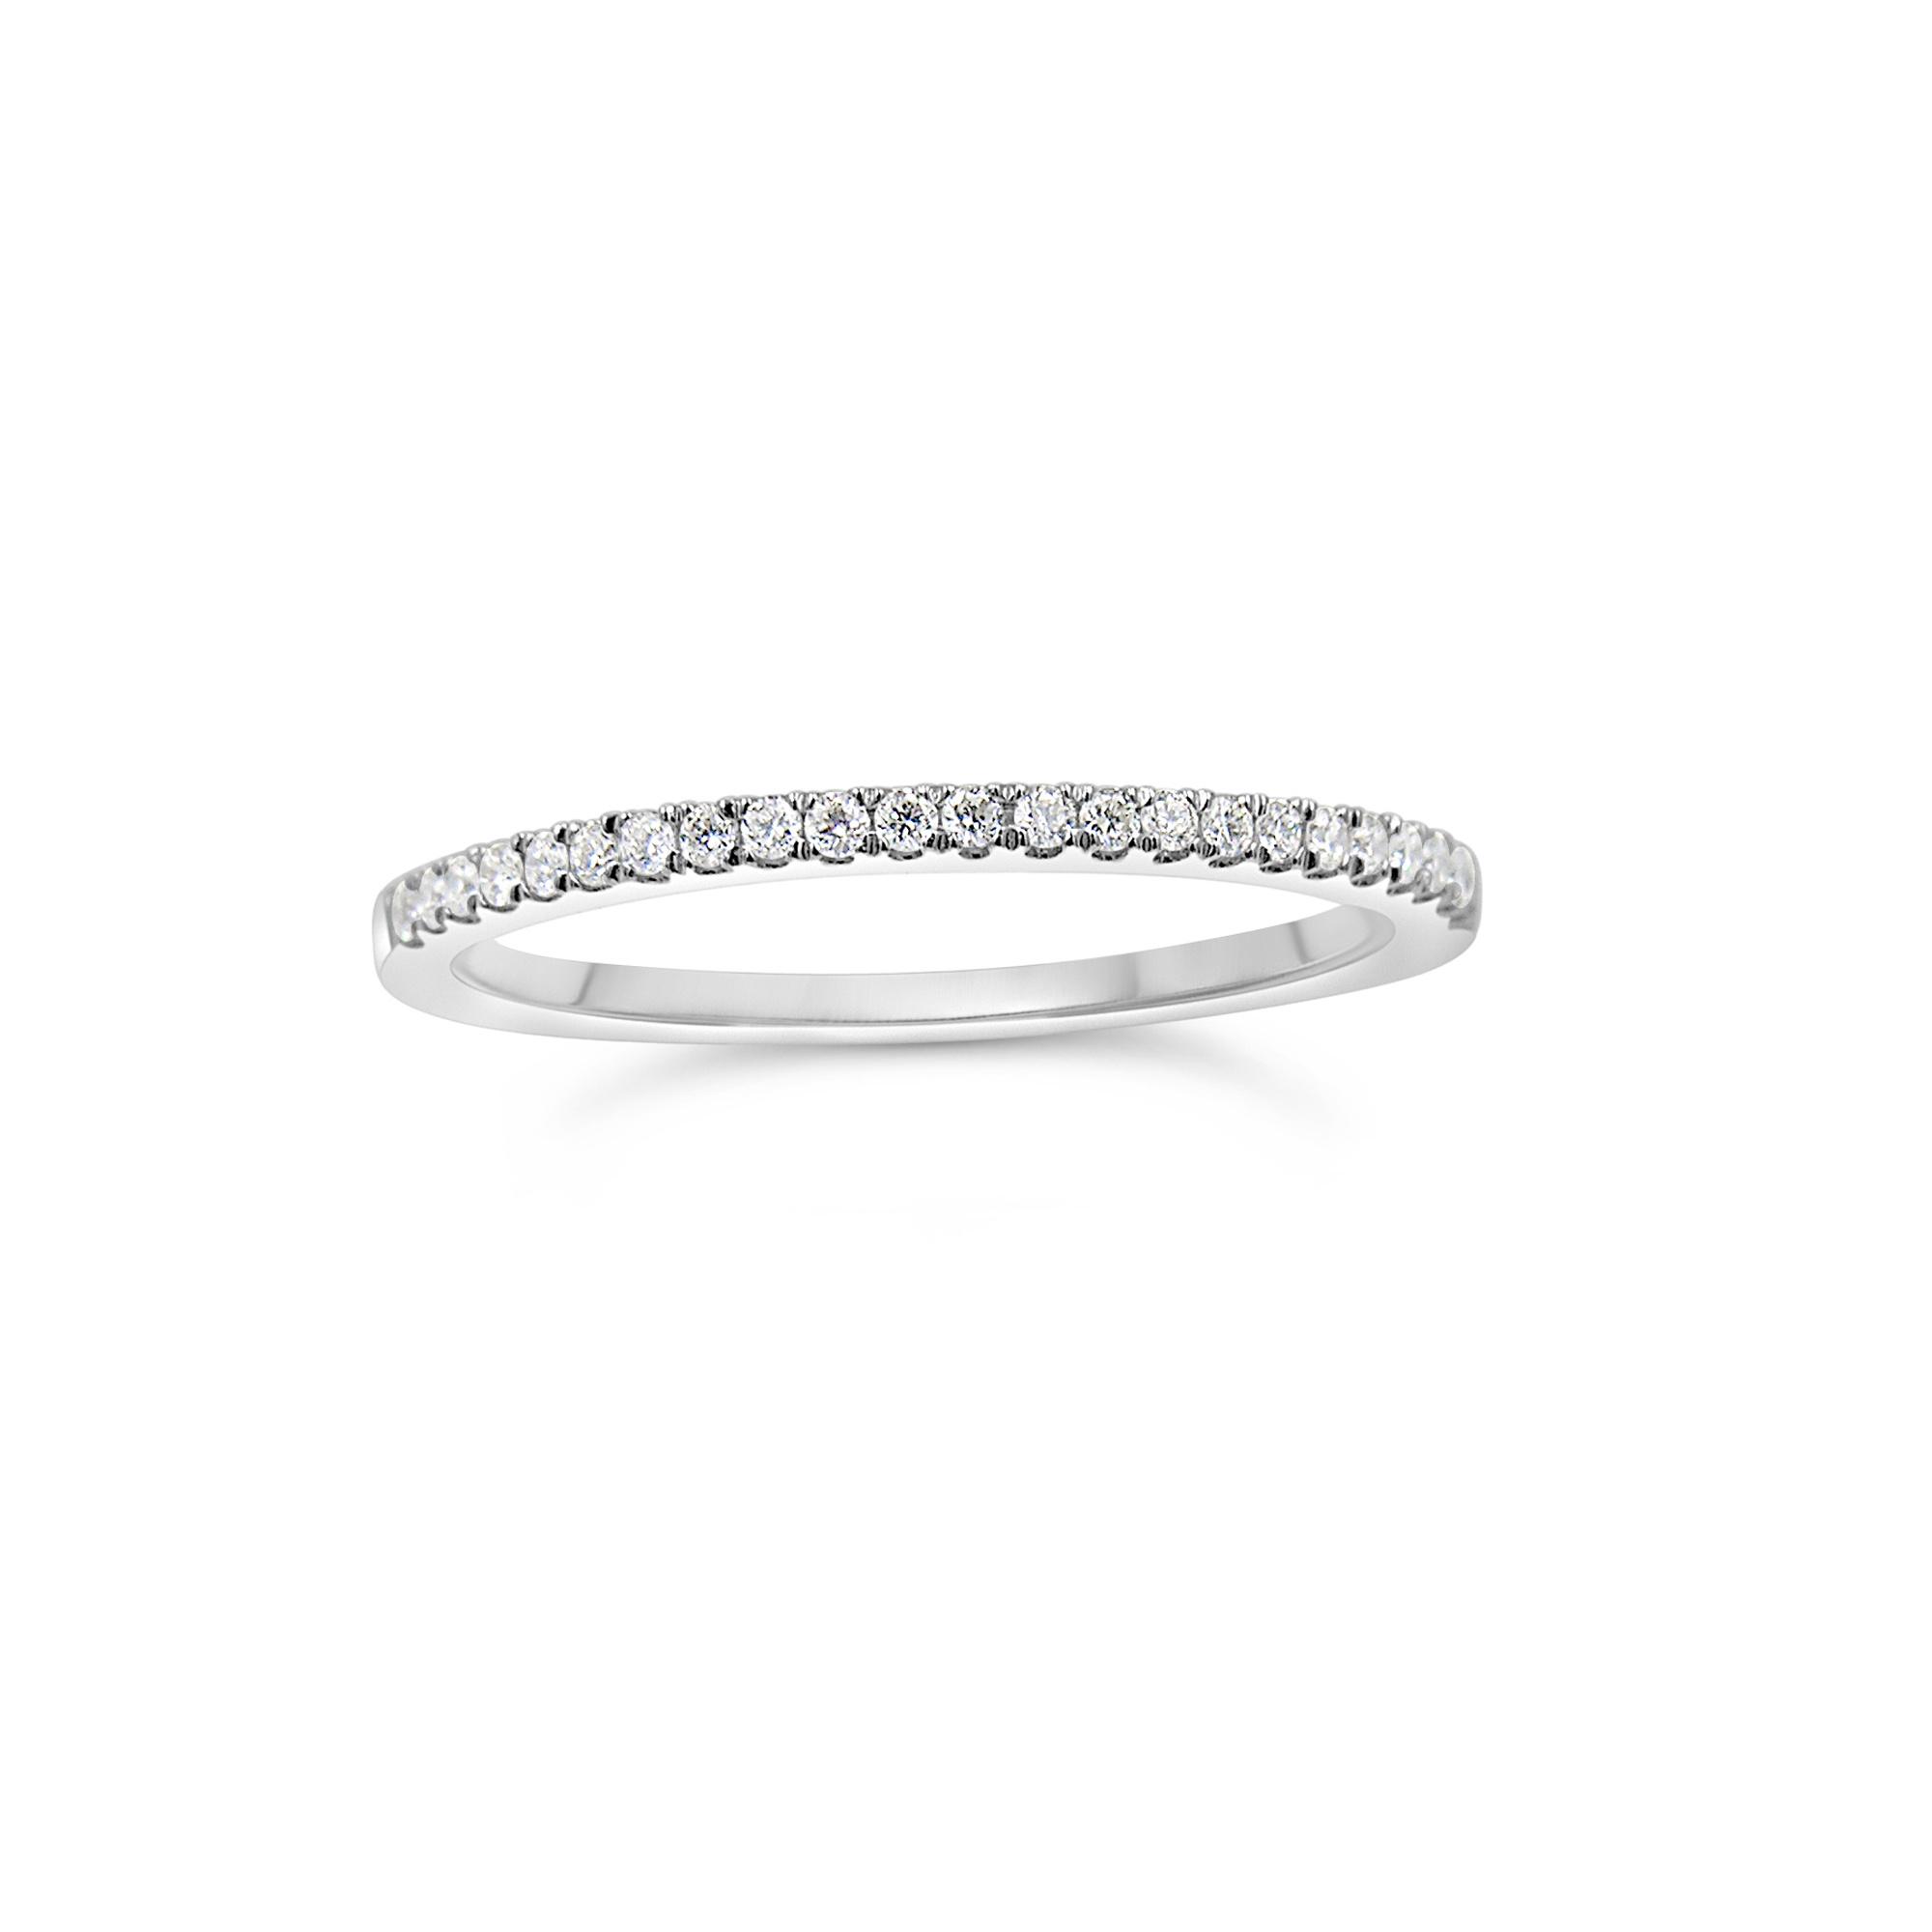 18k wit goud ring met 0.15 ct diamanten